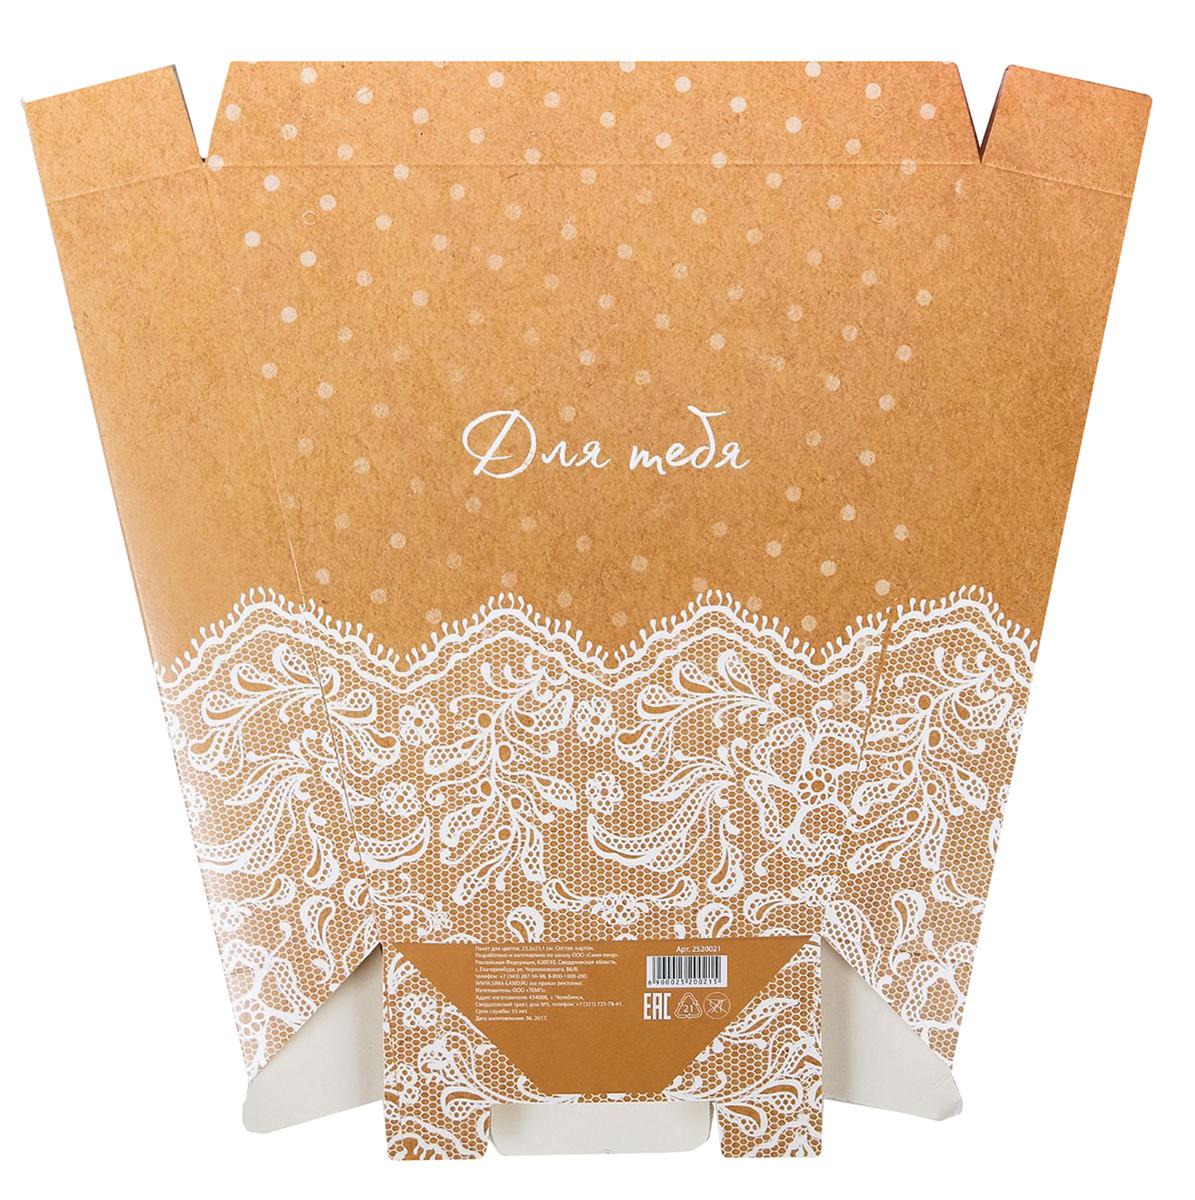 Пакет для цветов Дарите Счастье Для тебя, с атласными лентами3090144Любой подарок начинается с упаковки. Что может быть трогательнее и волшебнее, чем ритуал разворачивания полученного презента. И именно оригинальная, со вкусом выбранная упаковка выделит ваш подарок из массы других. Она продемонстрирует самые теплые чувства к виновнику торжества и создаст сказочную атмосферу праздника.